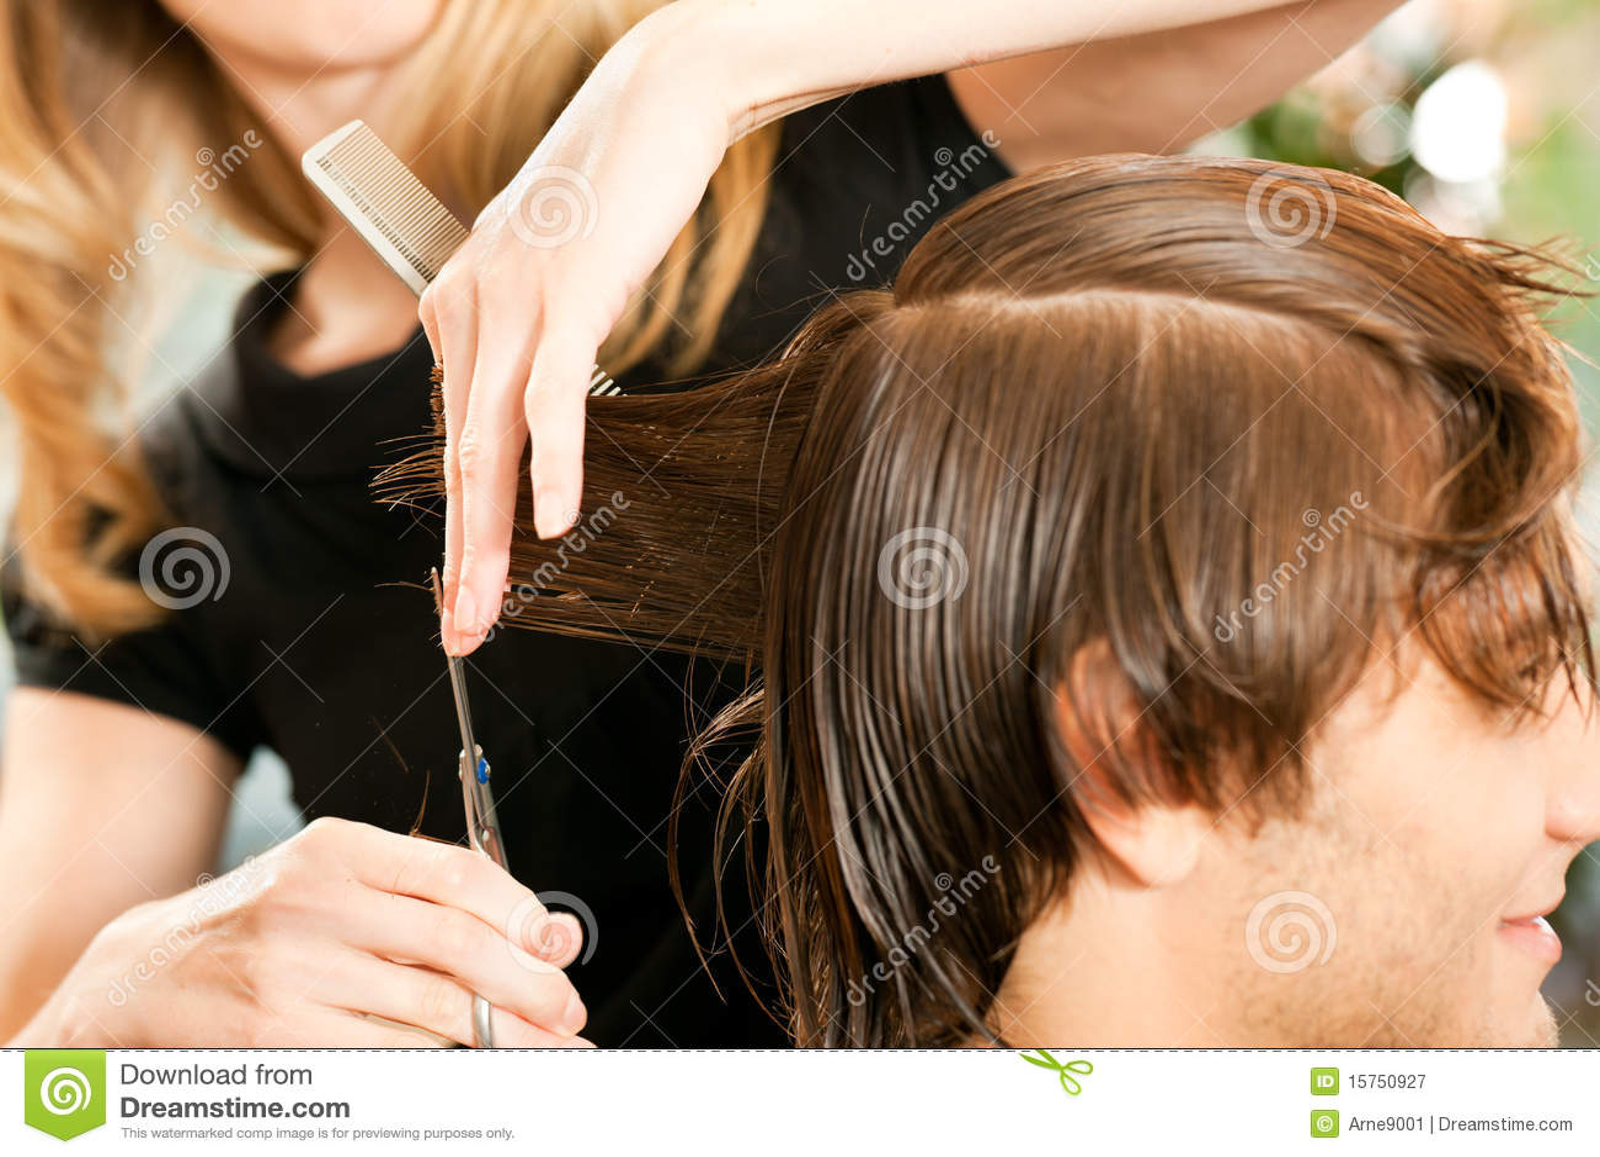 К чему снится сон когда отстригают волосы